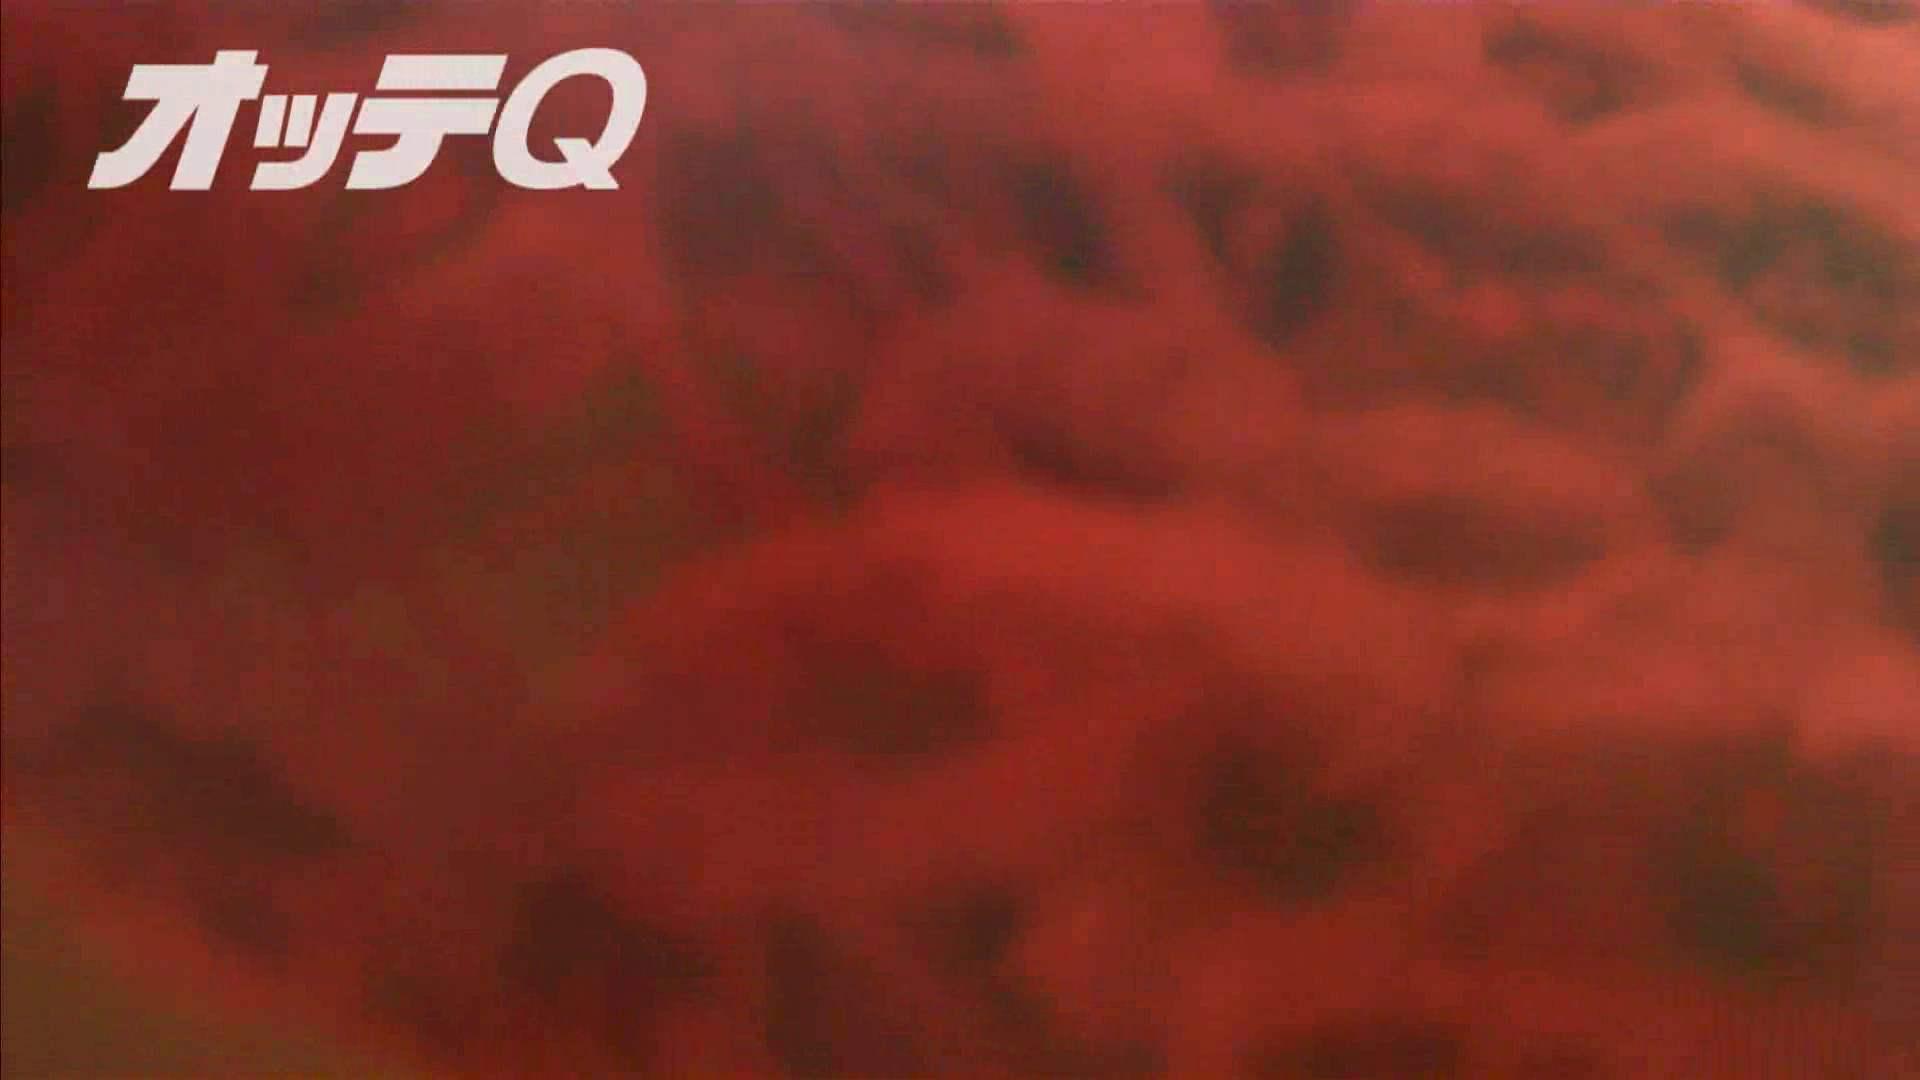 ハイビジョンパンチラ オッテQさんの追跡パンチラデパート編VOL.06 OL裸体 | チラ系  64画像 38